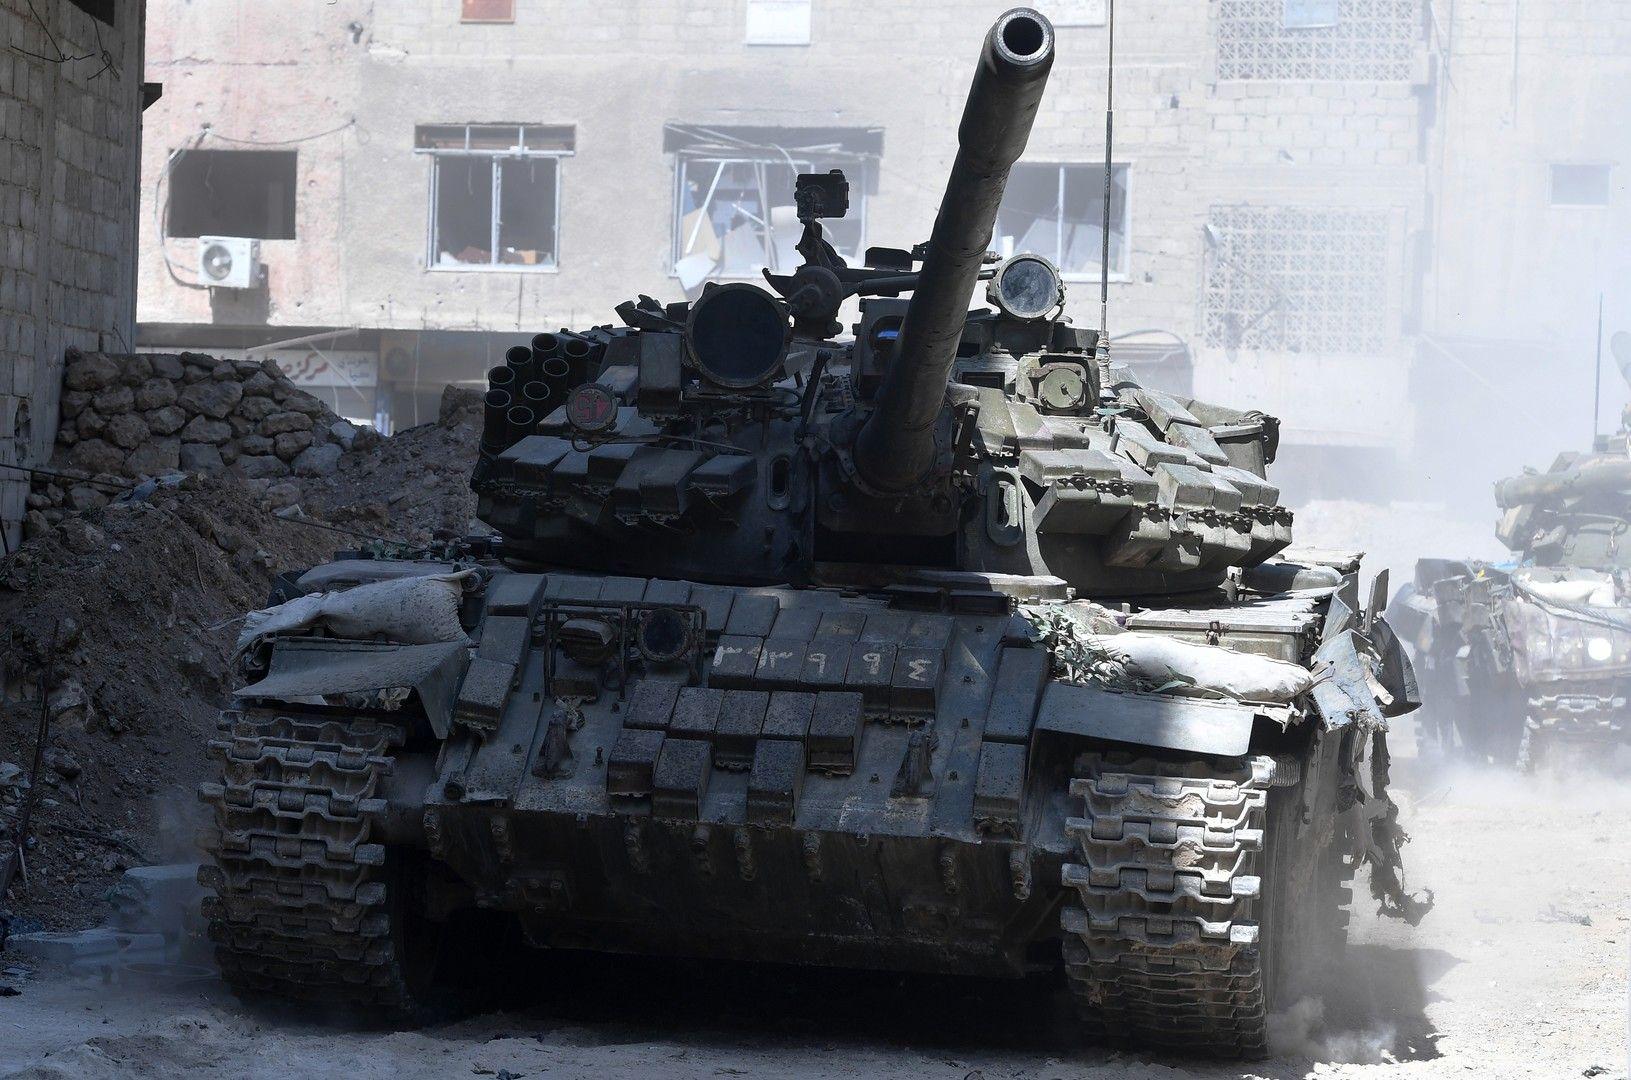 الجيش السوري يستعيد سيطرته على مدينة الحراك وبعض البلدات في ريف محافظة درعا الشمالي الشرقي جنوب سوريا